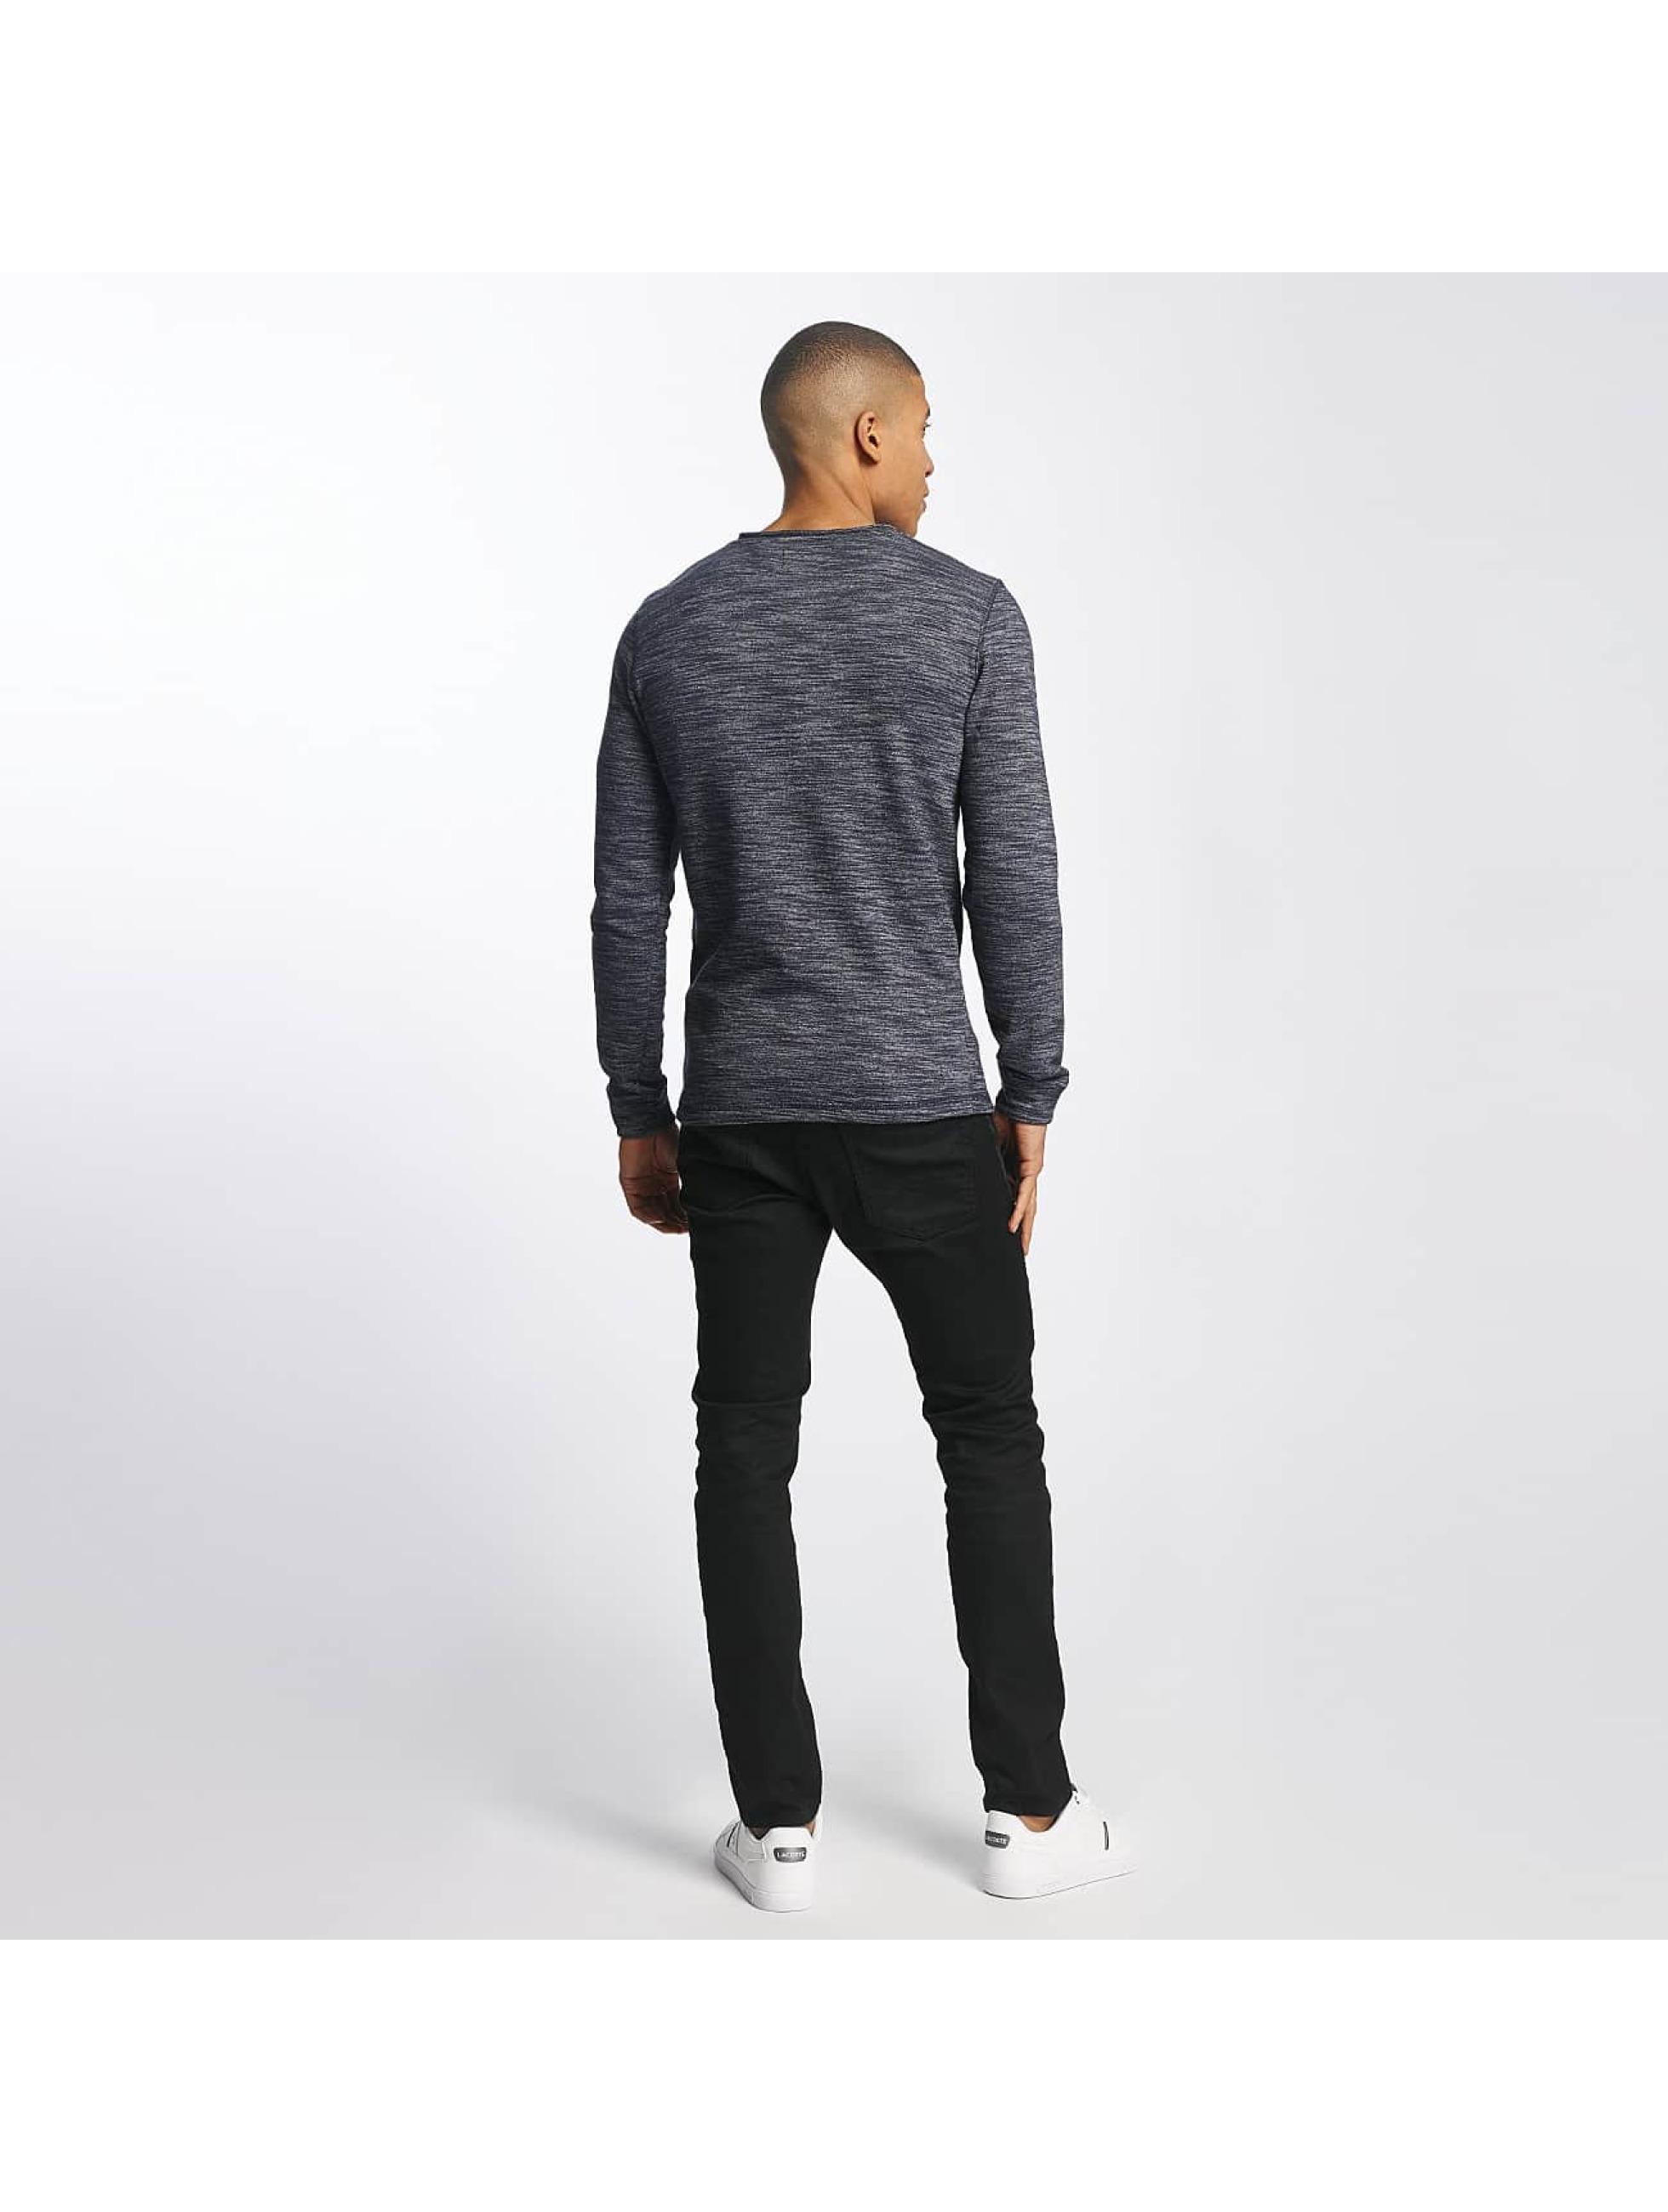 SHINE Original Sweat & Pull Malcom Pocket Inside Out bleu